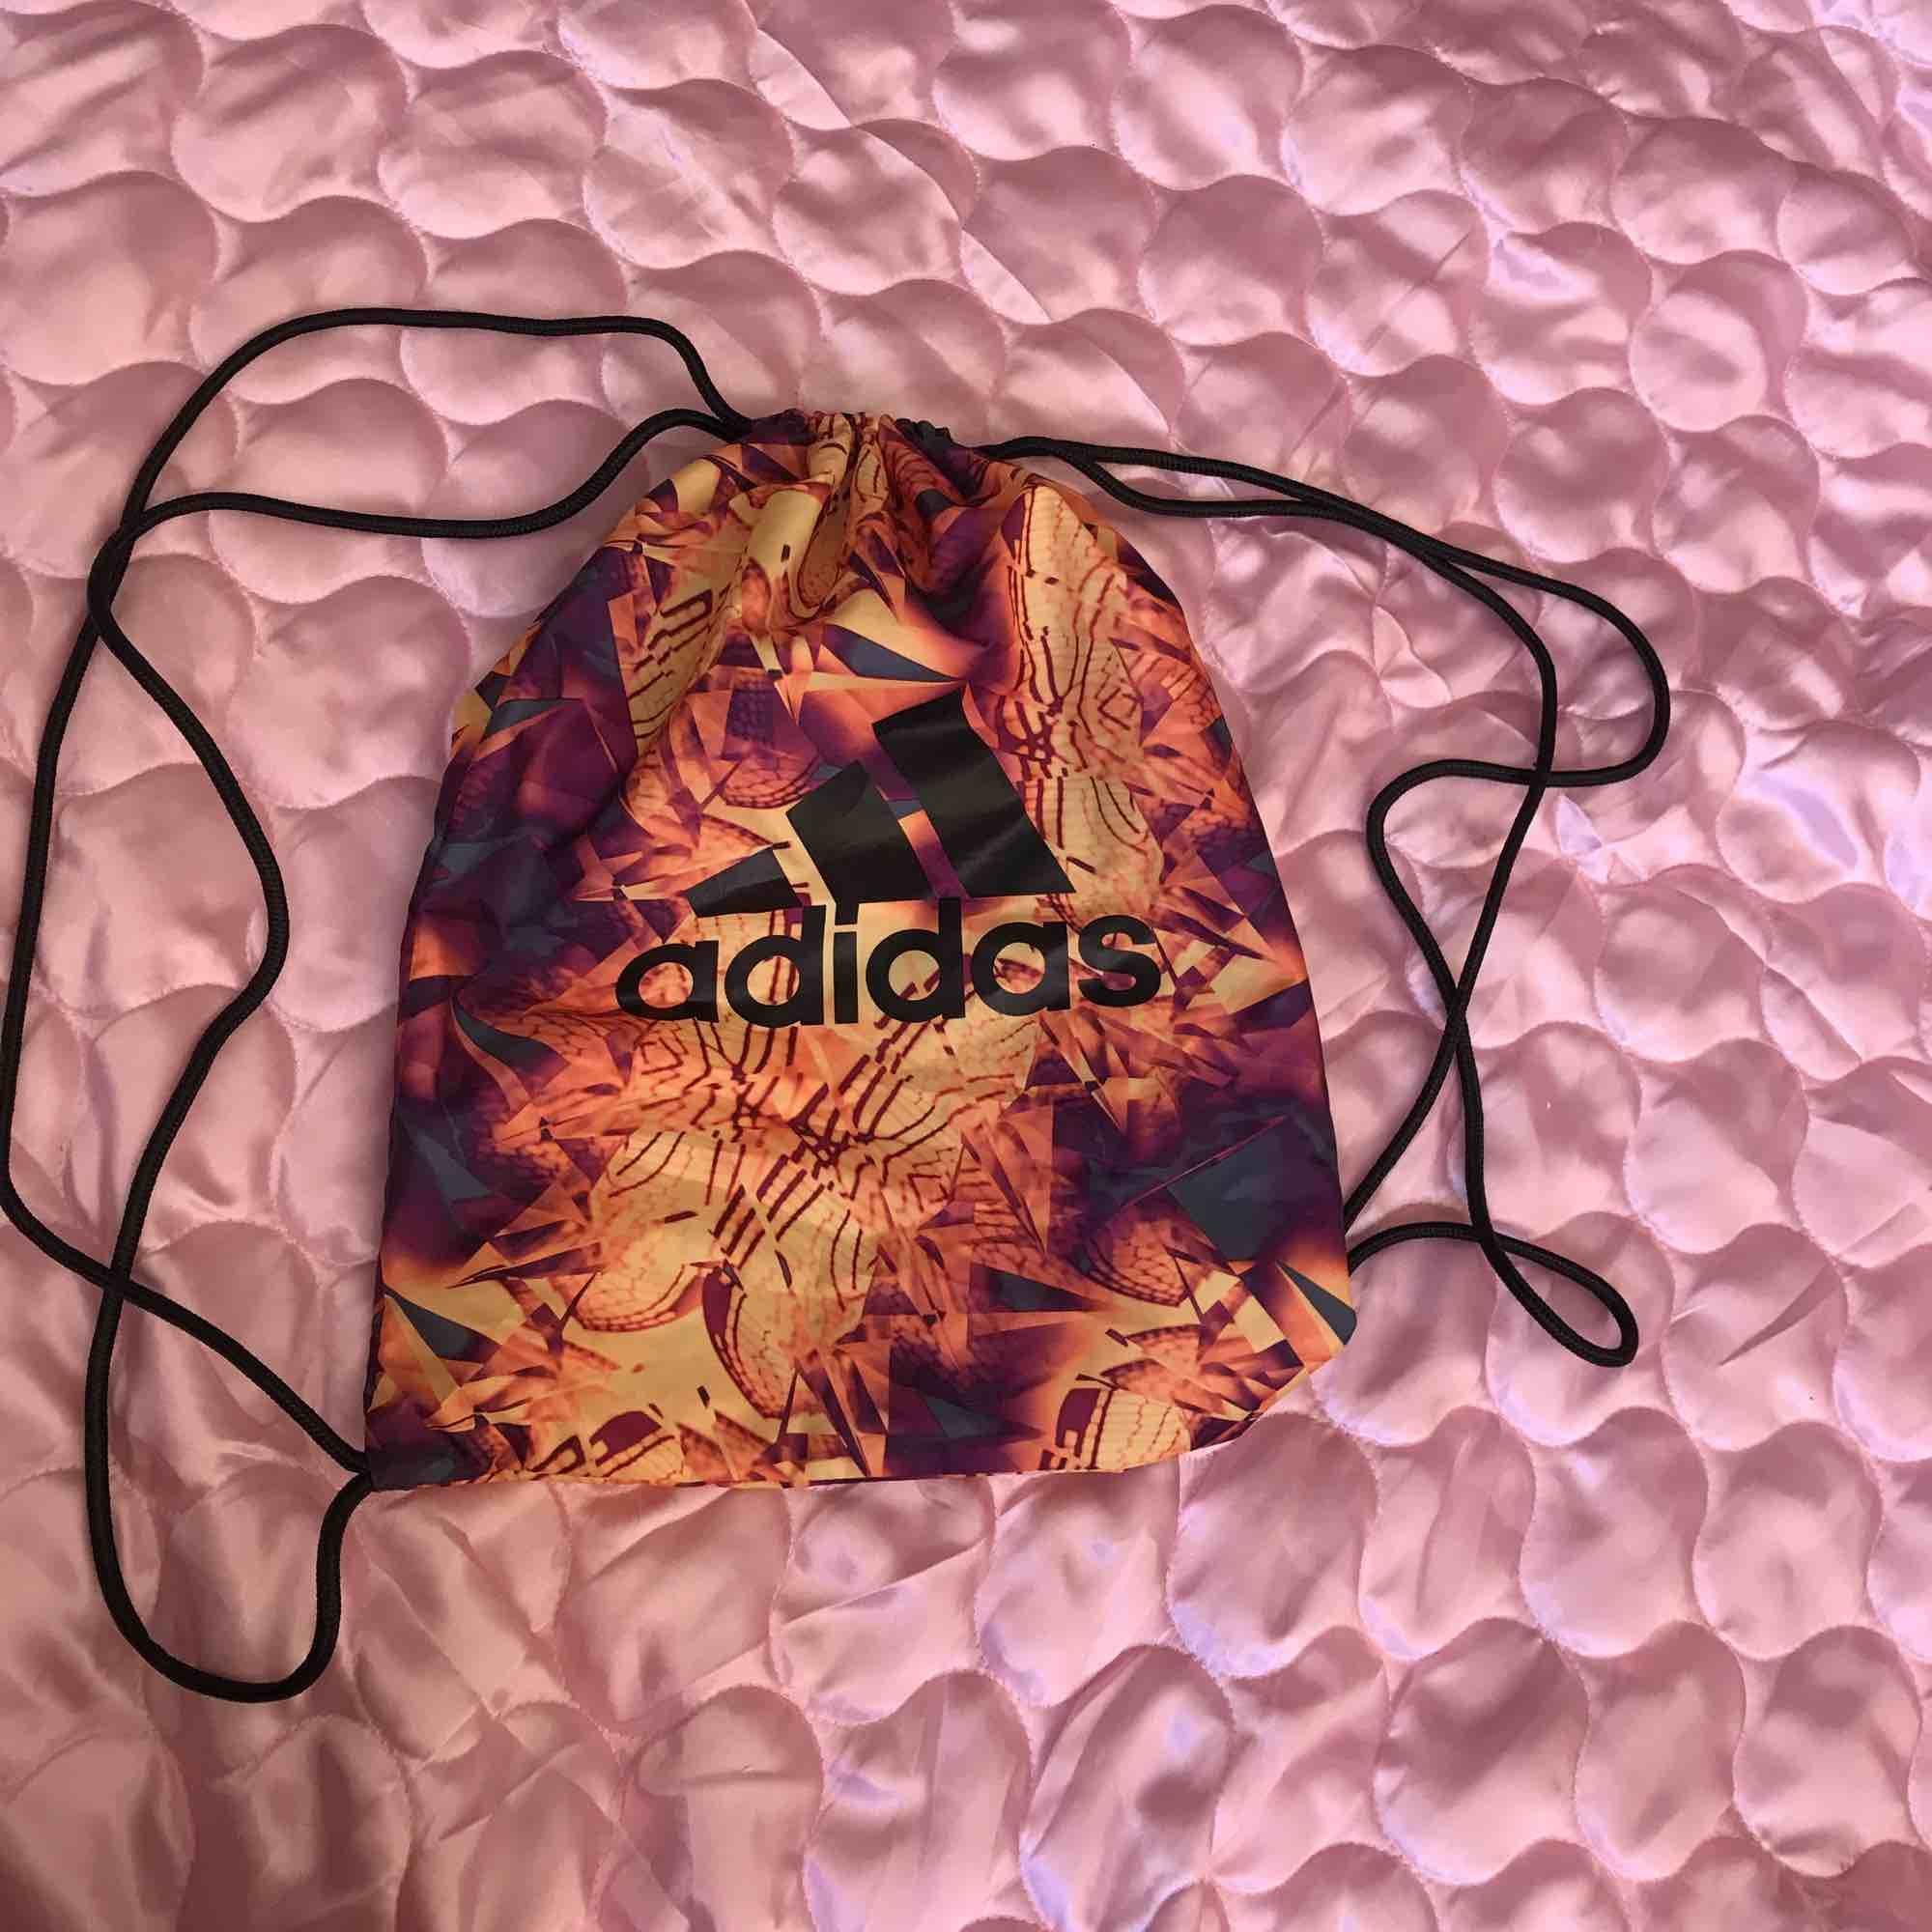 Adidas limited edition gympapåse! Tropiskt mönster 🦜🌺 Swisha 120:- (frakt ingår) så skickar jag på posten asap! DMa för telefonnr och din adress. Xoxo . Väskor.